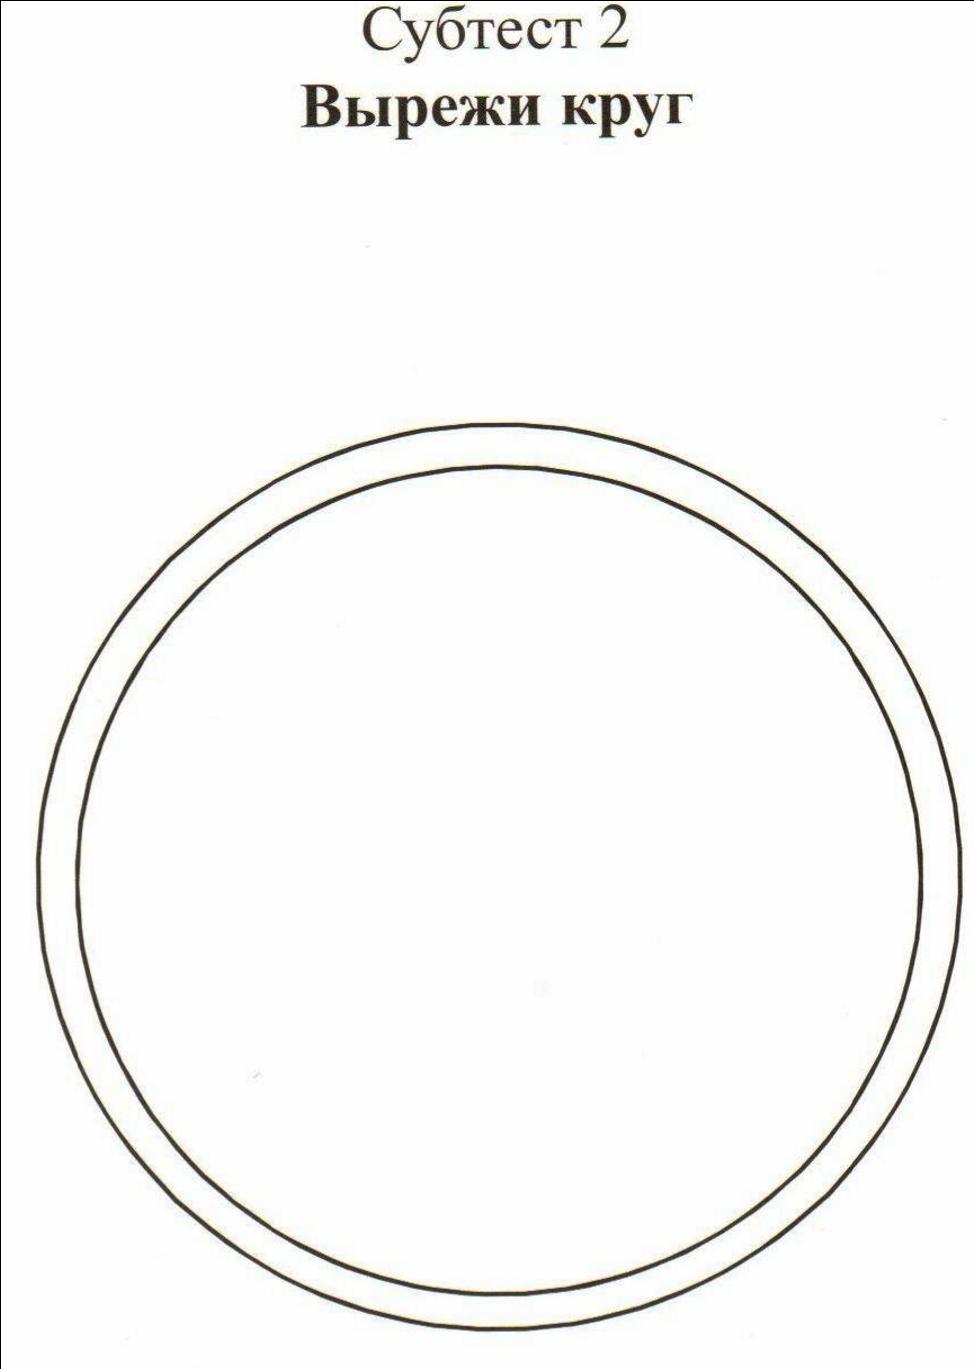 Вырезанный круг картинки